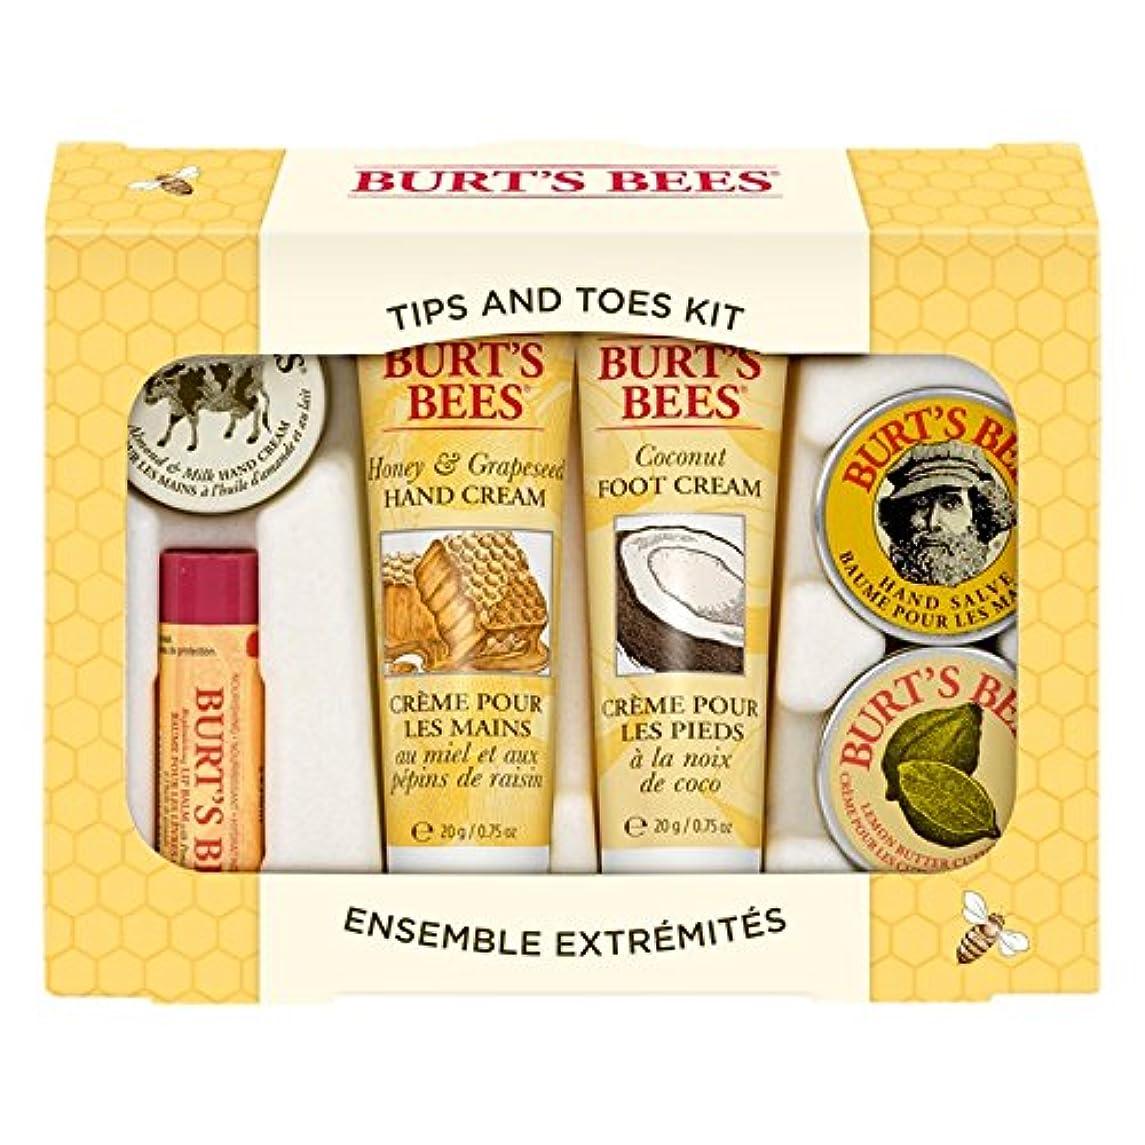 恐怖詳細に批判バーツビーのヒントとつま先はスターターキットをスキンケア (Burt's Bees) (x2) - Burt's Bees Tips And Toes Skincare Starter Kit (Pack of 2) [...